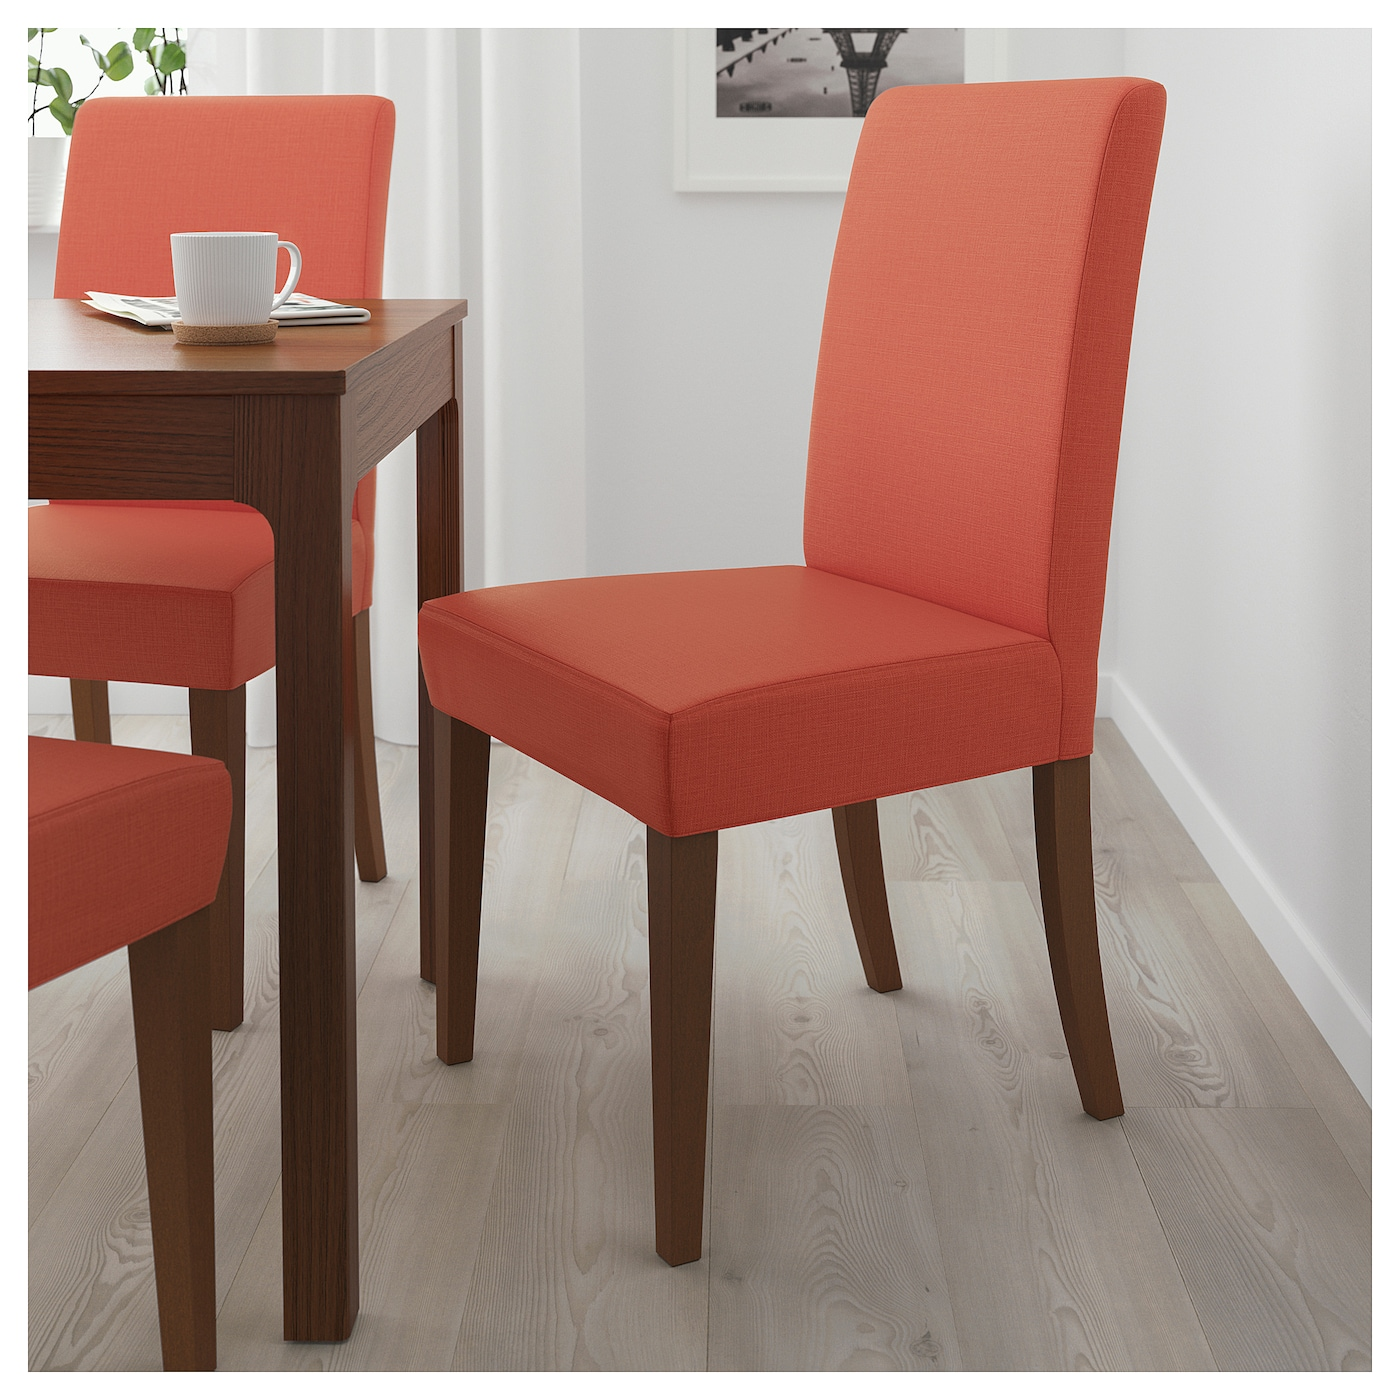 henriksdal chaise brun skiftebo orange fonc ikea. Black Bedroom Furniture Sets. Home Design Ideas